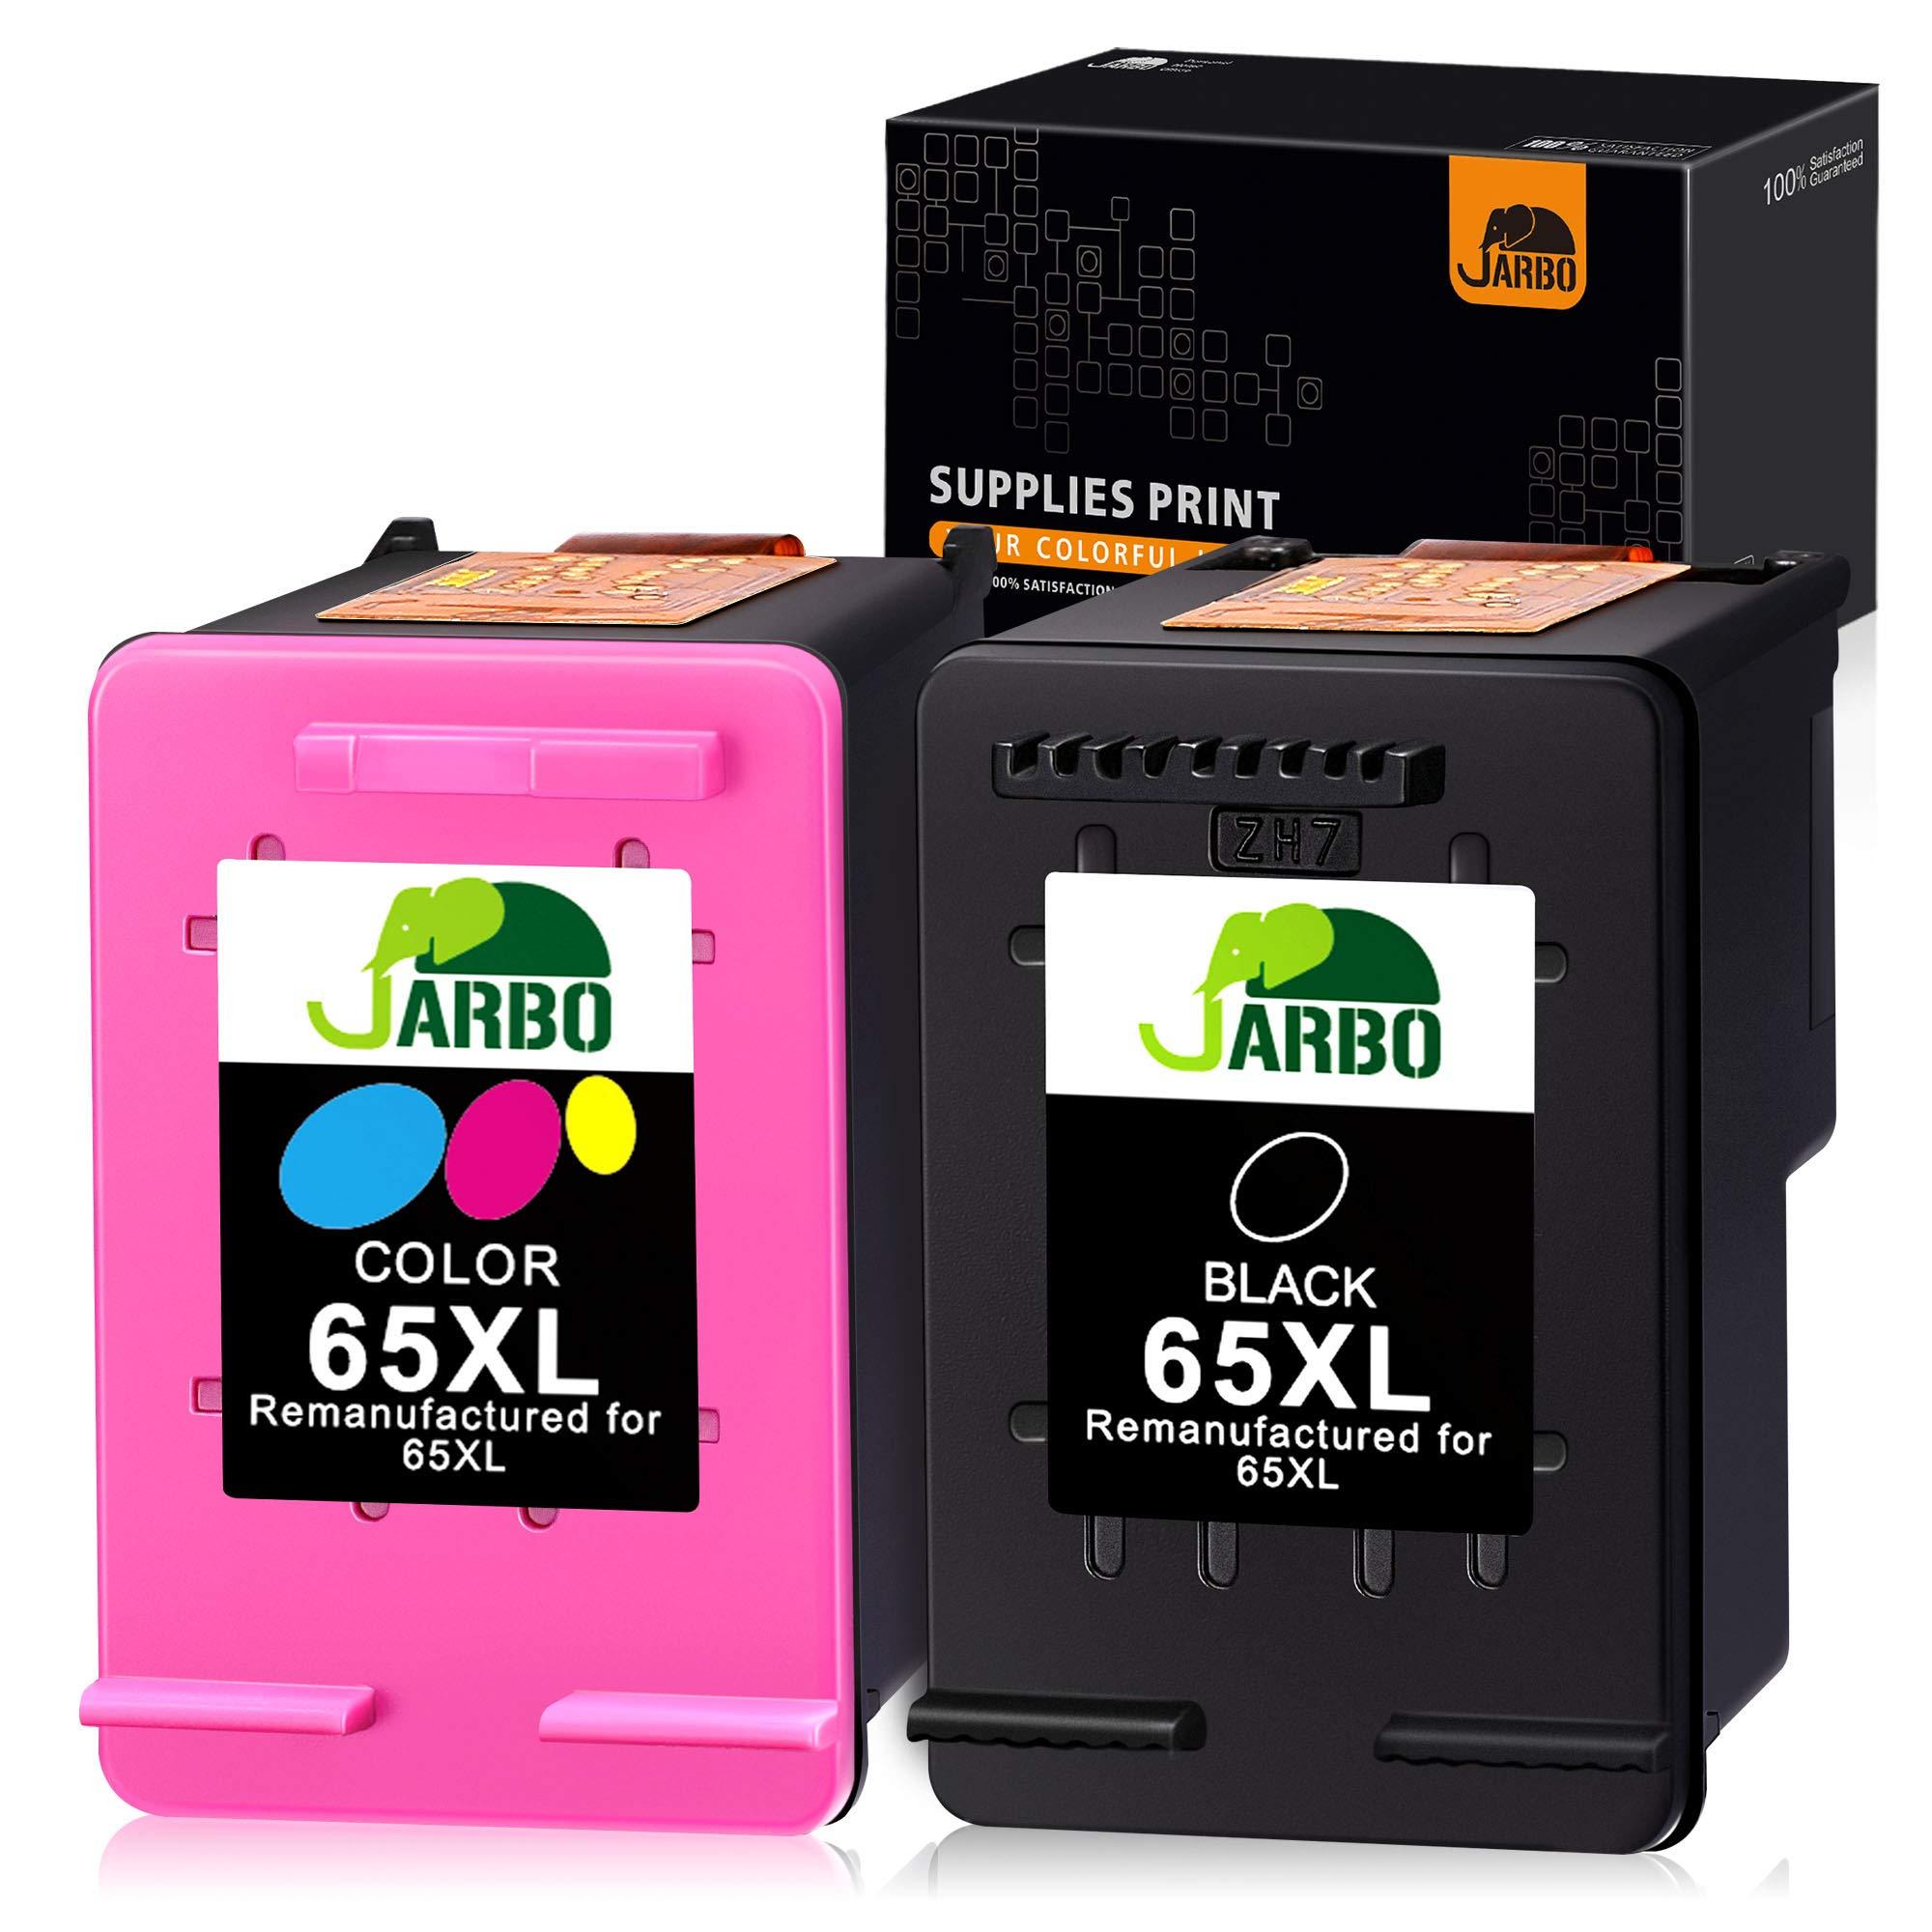 JARBO Remanufactured Ink Cartridge Replacement for HP 65XL 65 65 XL (N9K04AN) Combo Pack, 1 Black+1 Tri-Color, for Envy 5055 5058 5052 Deskjet 2655 2622 Deskjet 3755 3758 3752 3732 3730 3722 3721 3720